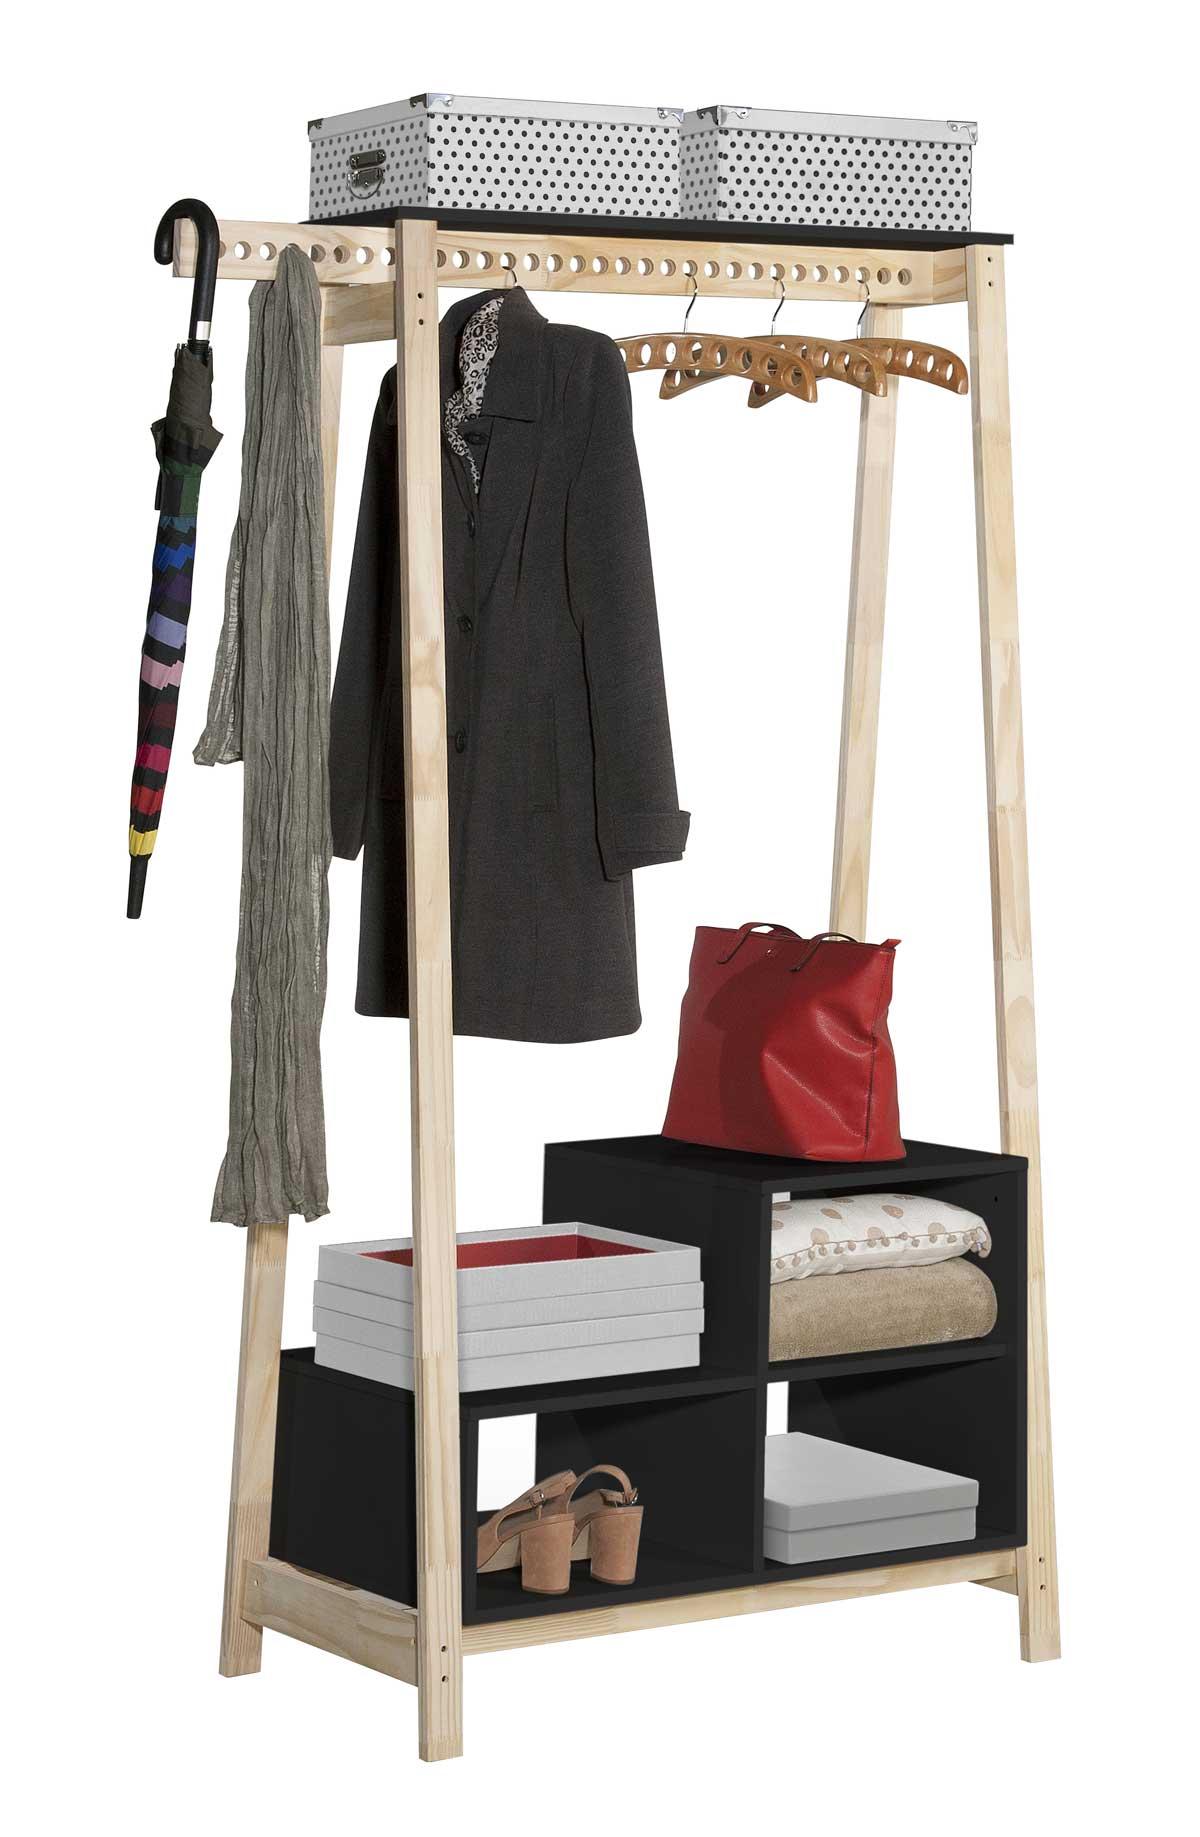 Guarda-Roupa Closet Modulado Milão com Nicho Preto - Tebarrot Móveis